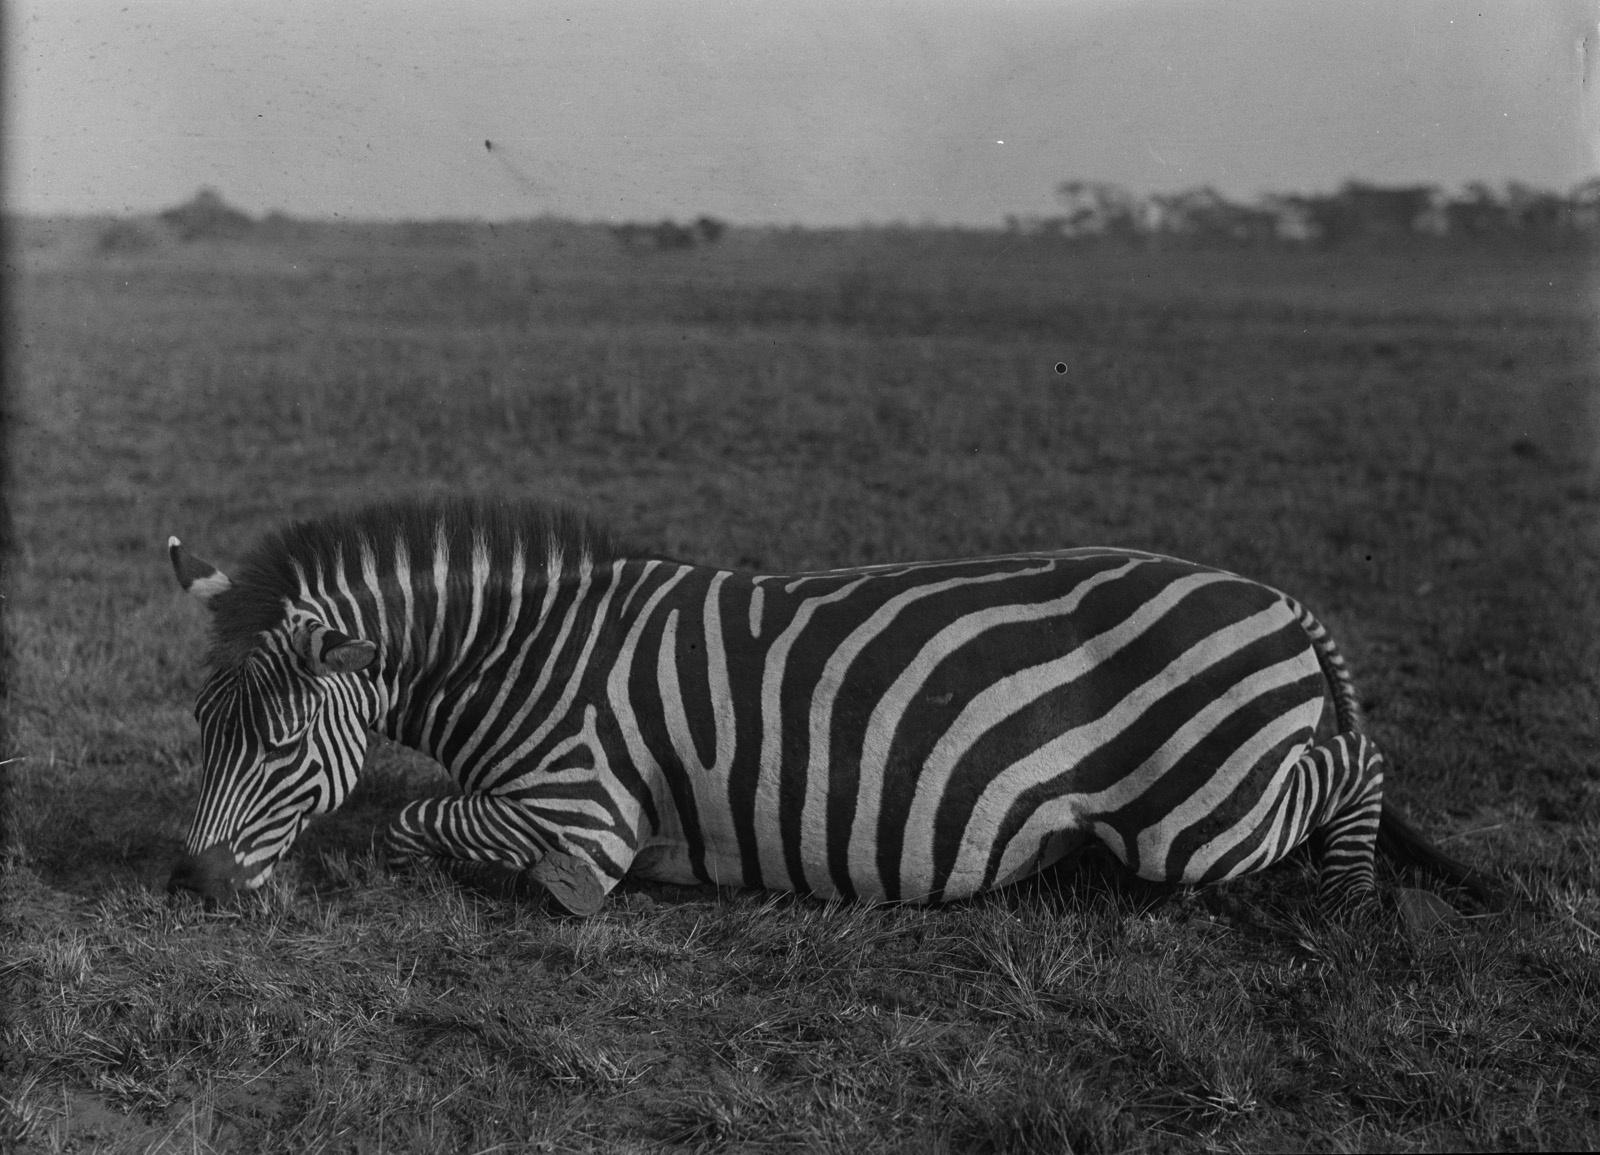 Касемпа. Мертвая зебра в дамбо